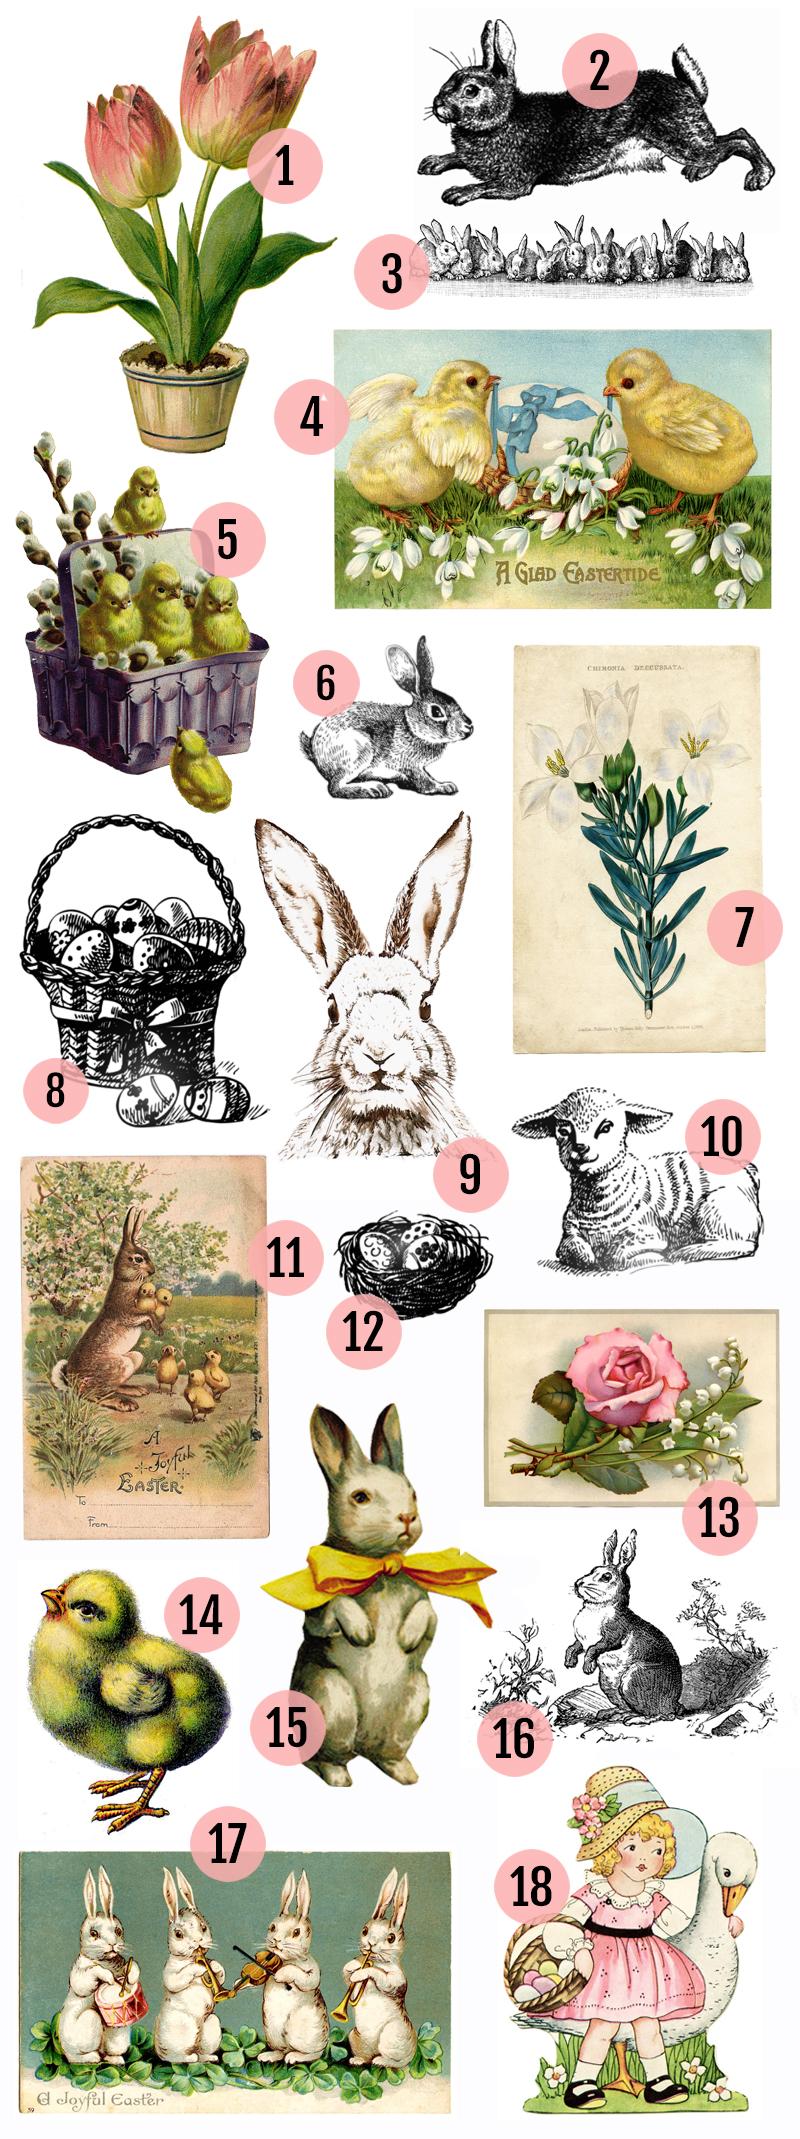 Free Vintage Easter Clipart Images » Maggie Holmes Design.